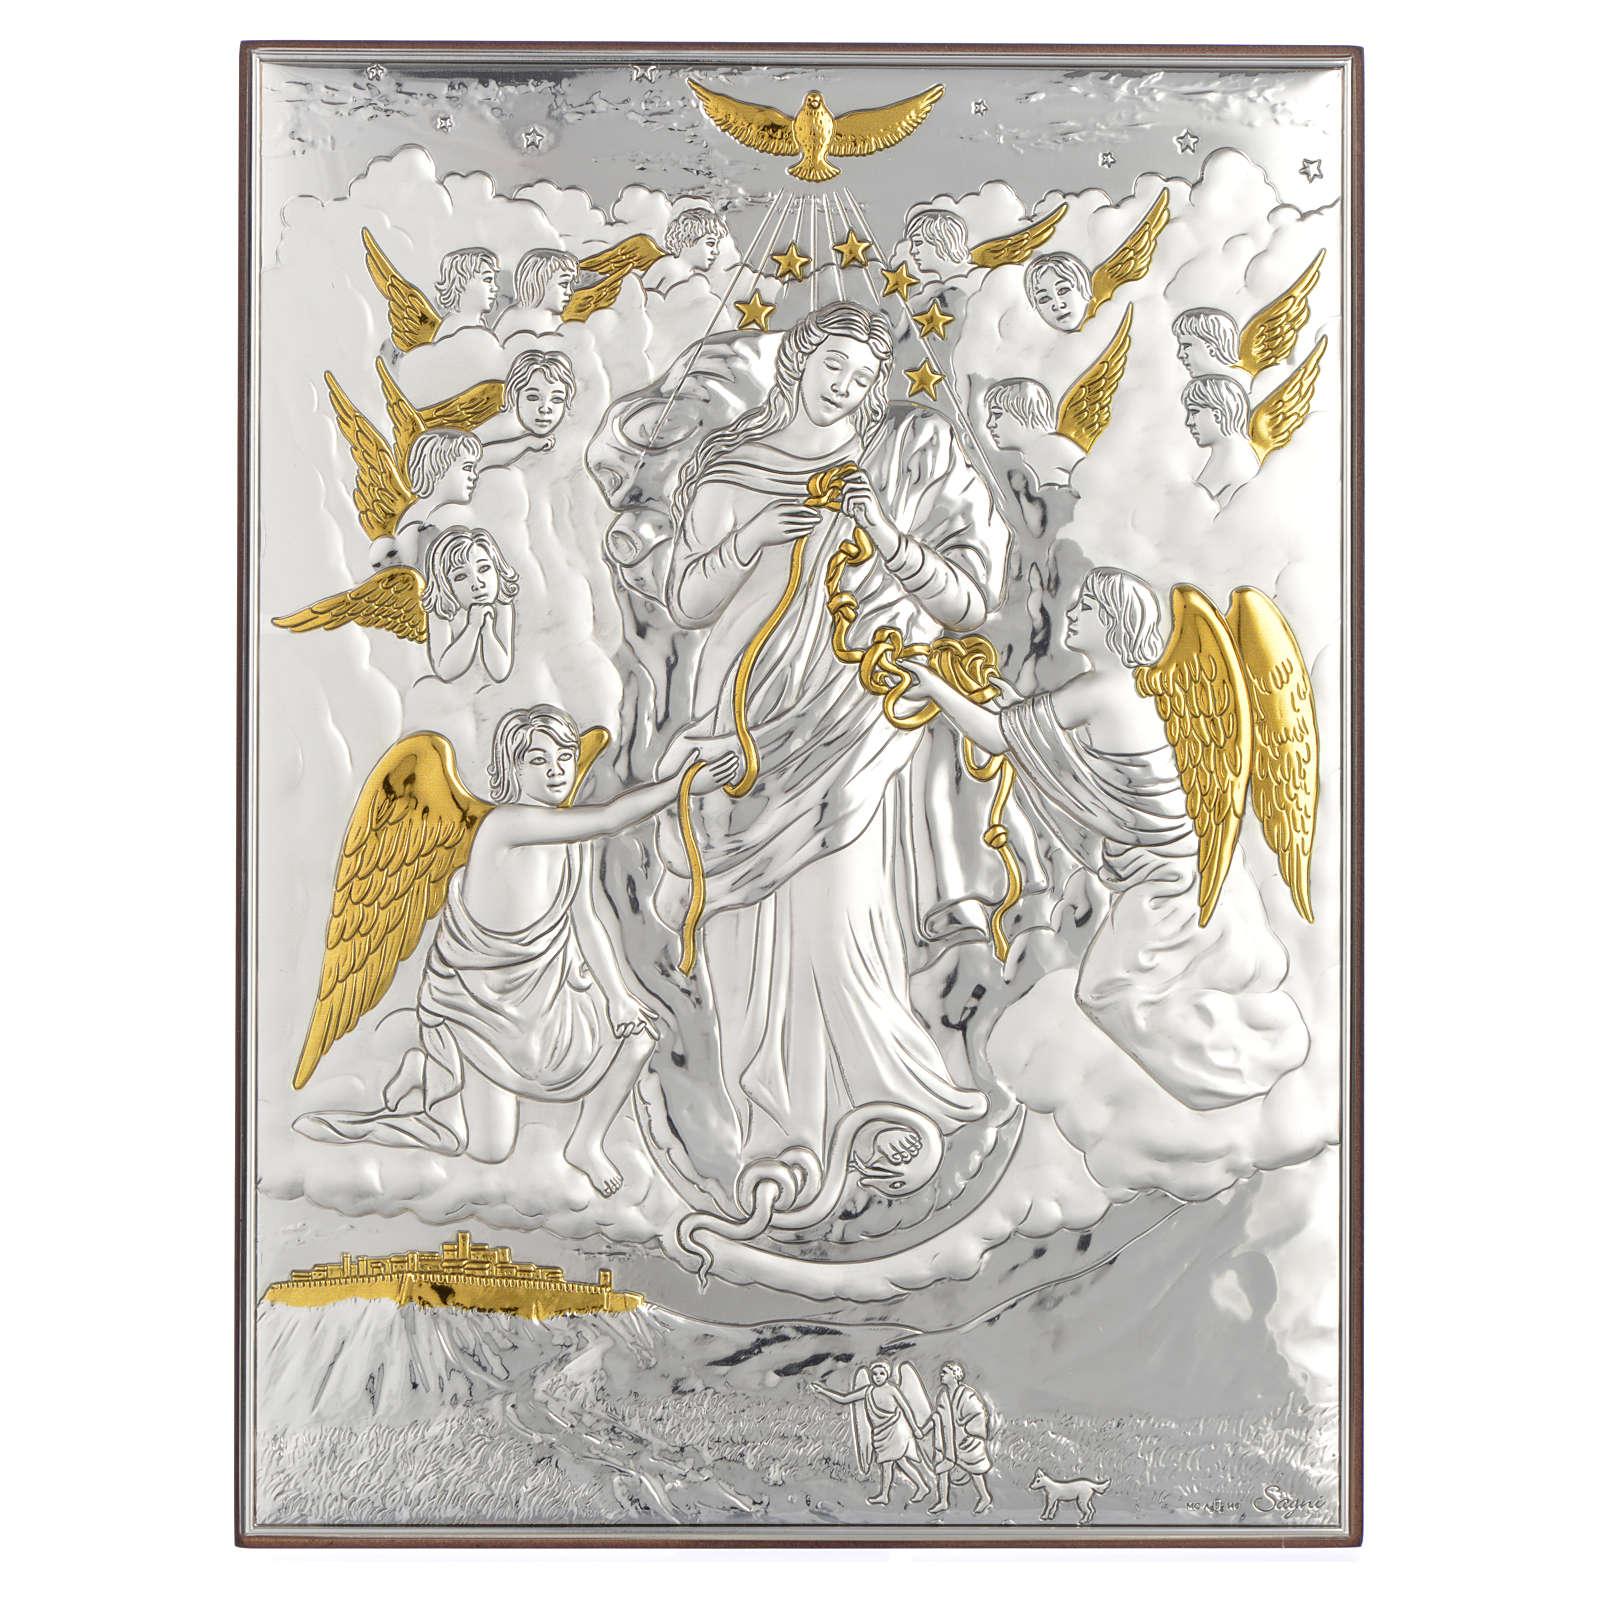 Obraz Maria rozwiązująca supełki srebro pozłacane 19x26 4